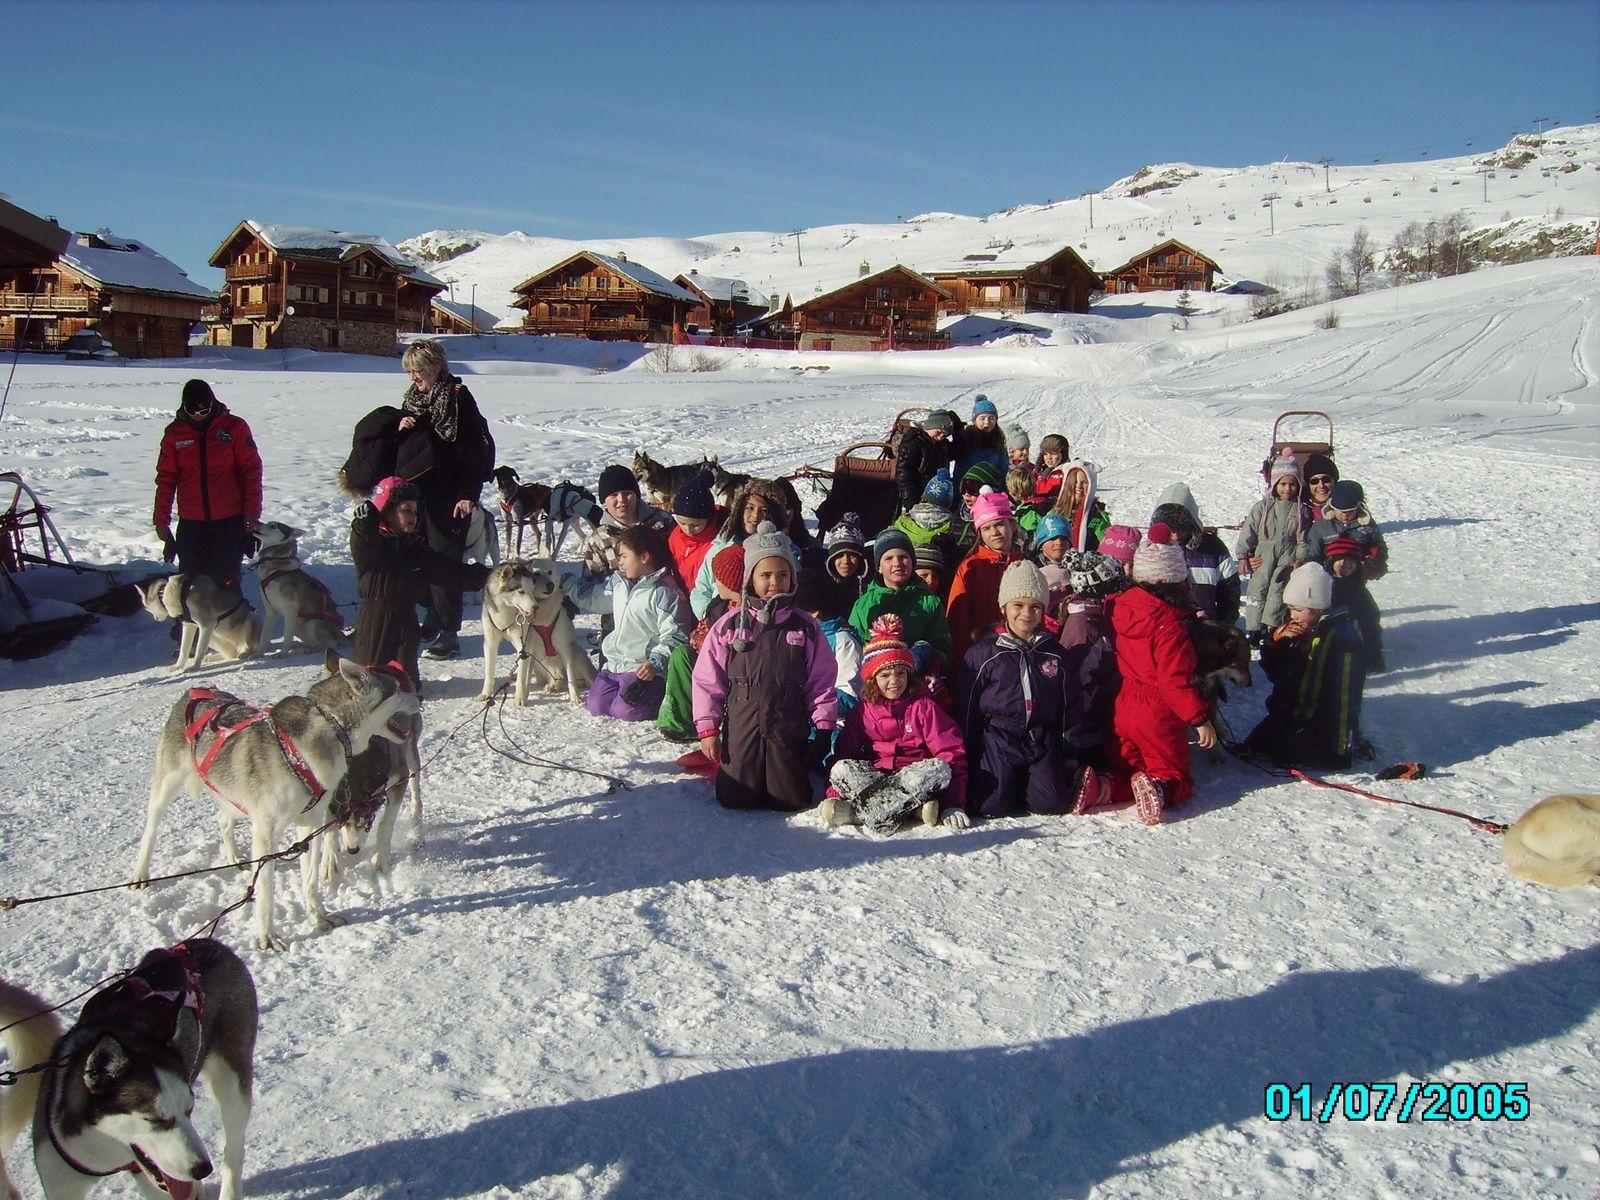 Galerie photos de la sortie chiens de traineaux